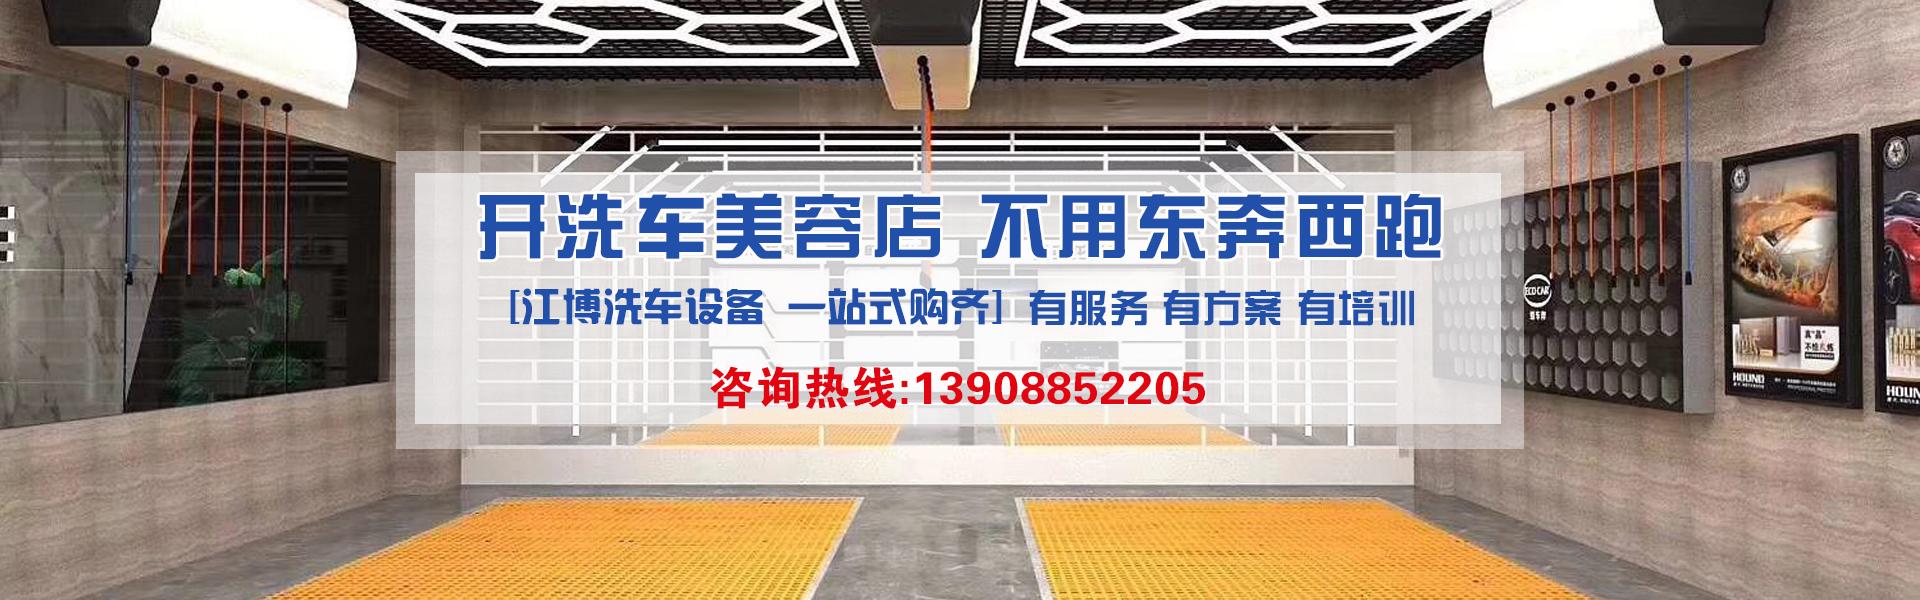 云南洗车设备公司